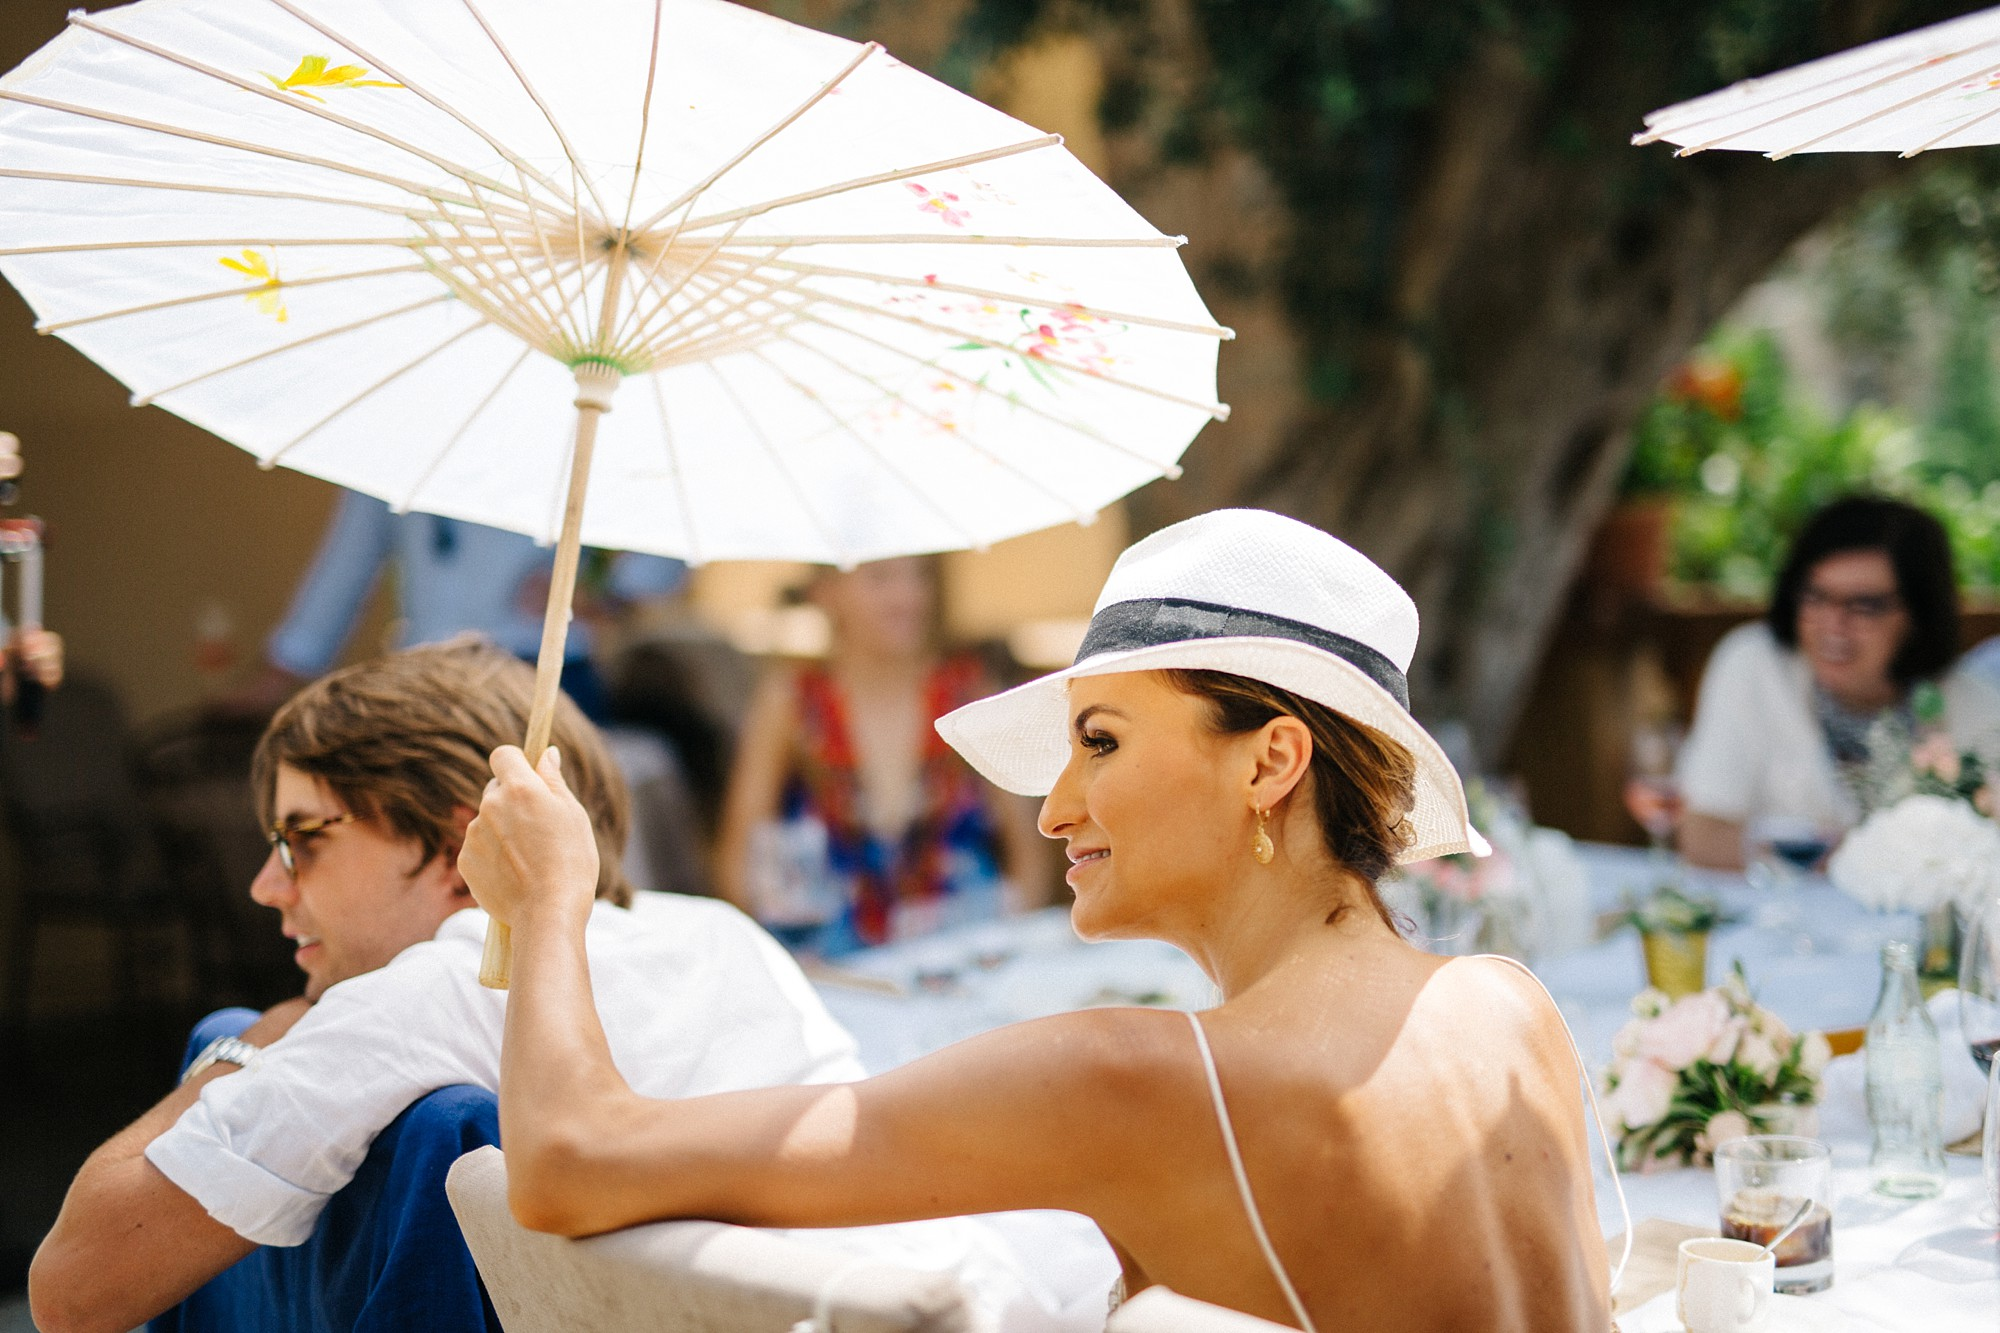 fotografos de boda en valencia barcelona mallorca wedding photographer137.jpg